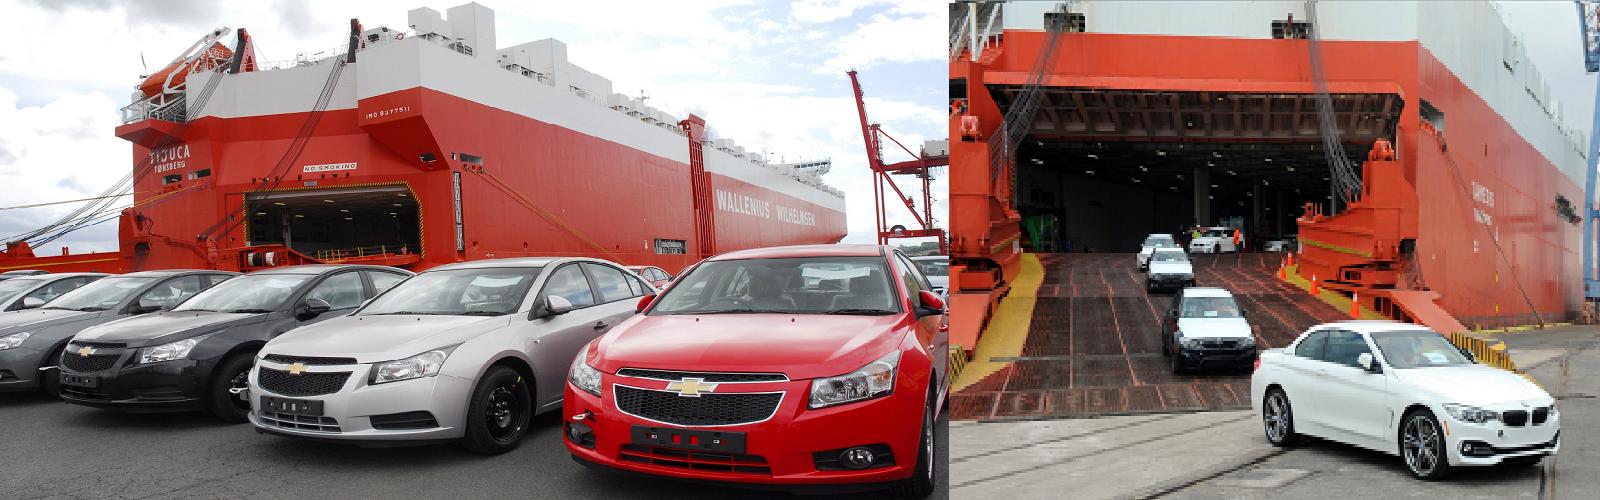 Mau Kirim Mobil Murah Hubungi 0878 1010 2544 Dapatkan Promo Dan Discount Menarik Bulan Ini Untuk Kirim Mobil Jakarta Medan Batam Kendaraan Mobil Makassar